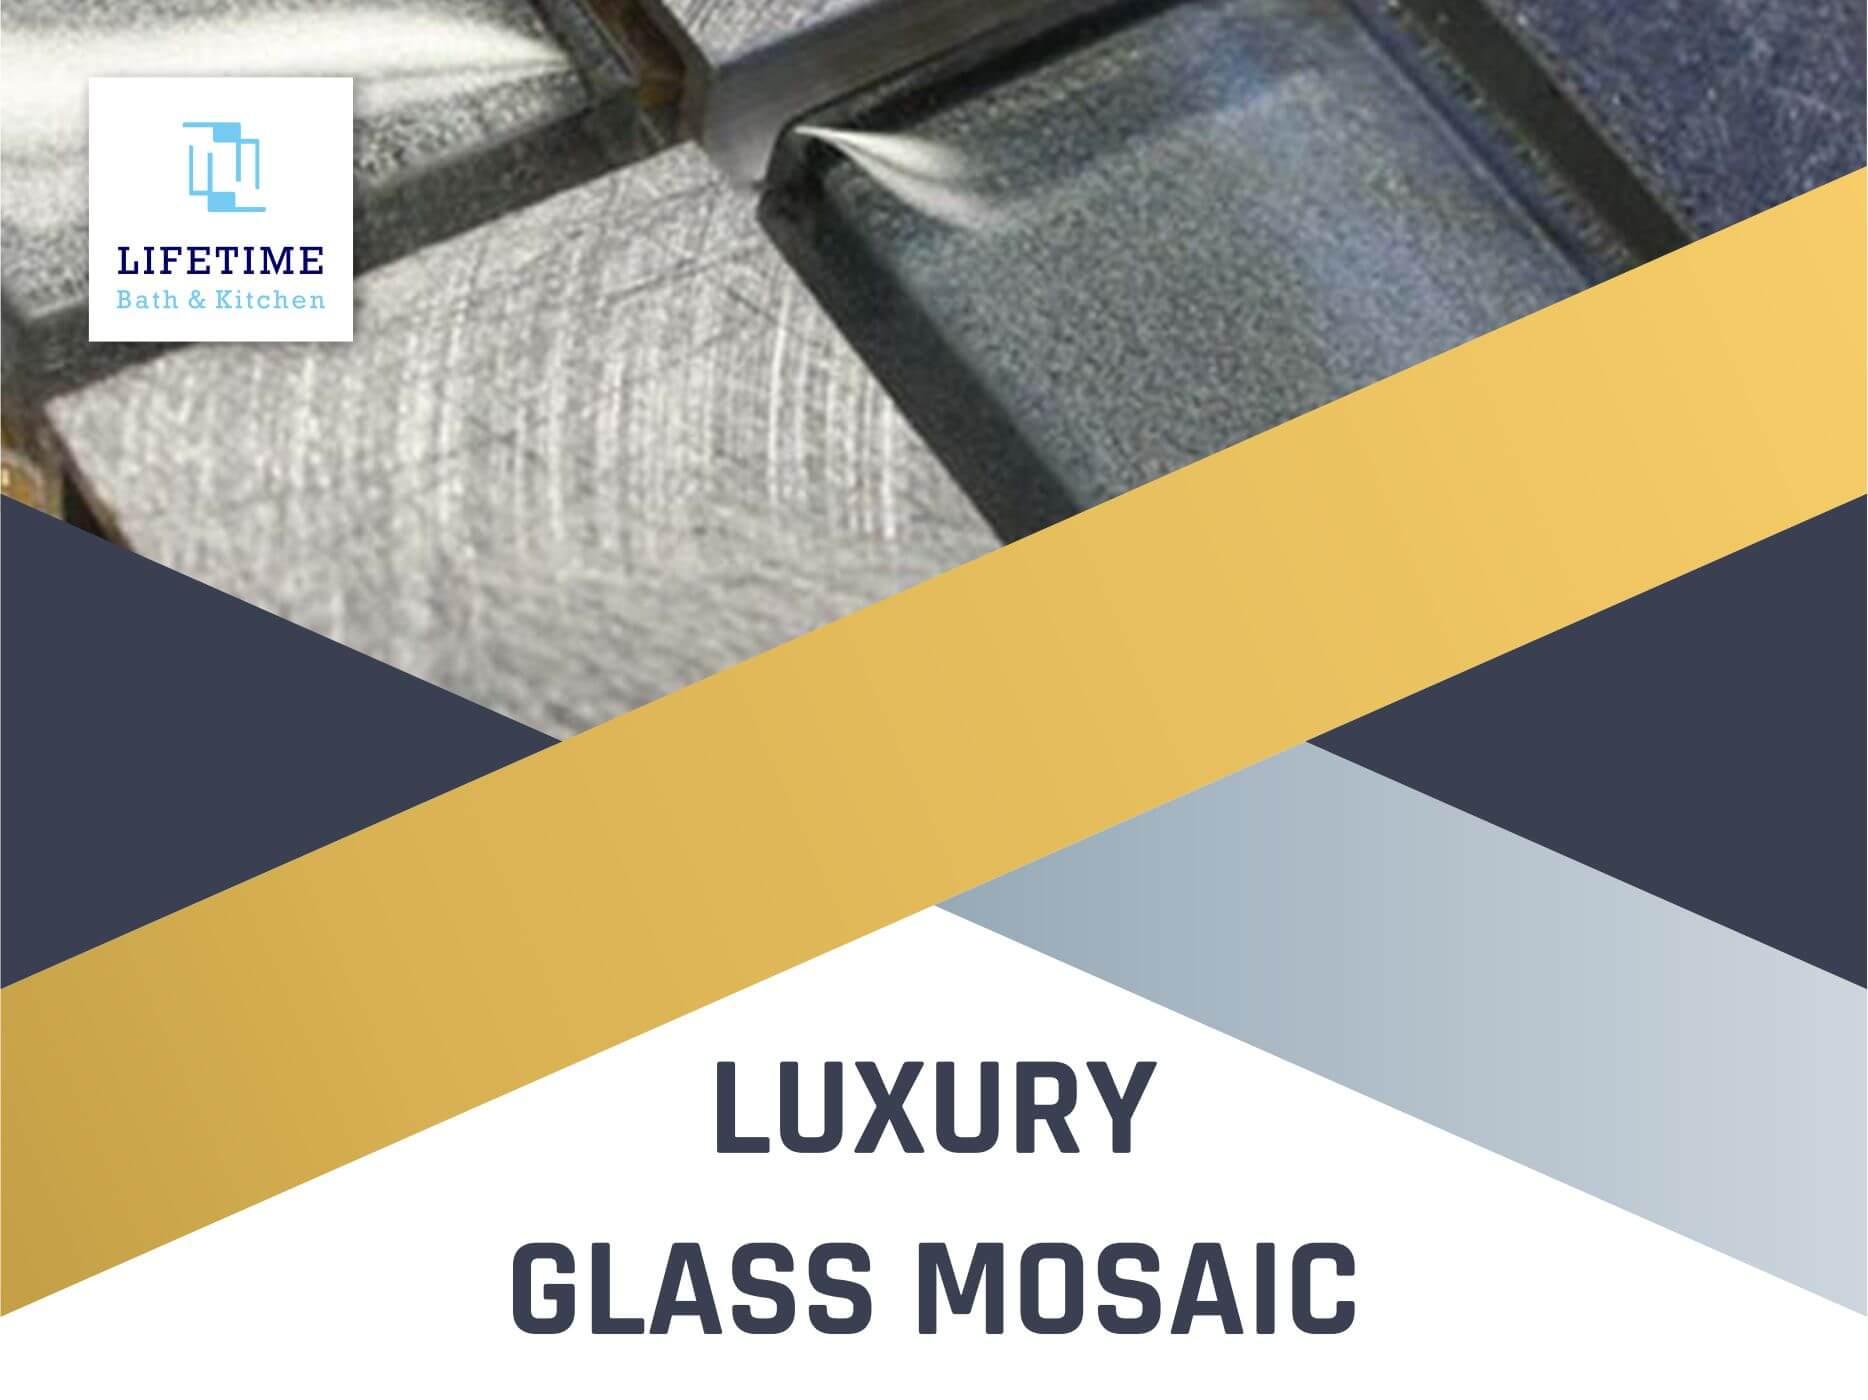 Luxury-Glass-Mosaics-page1